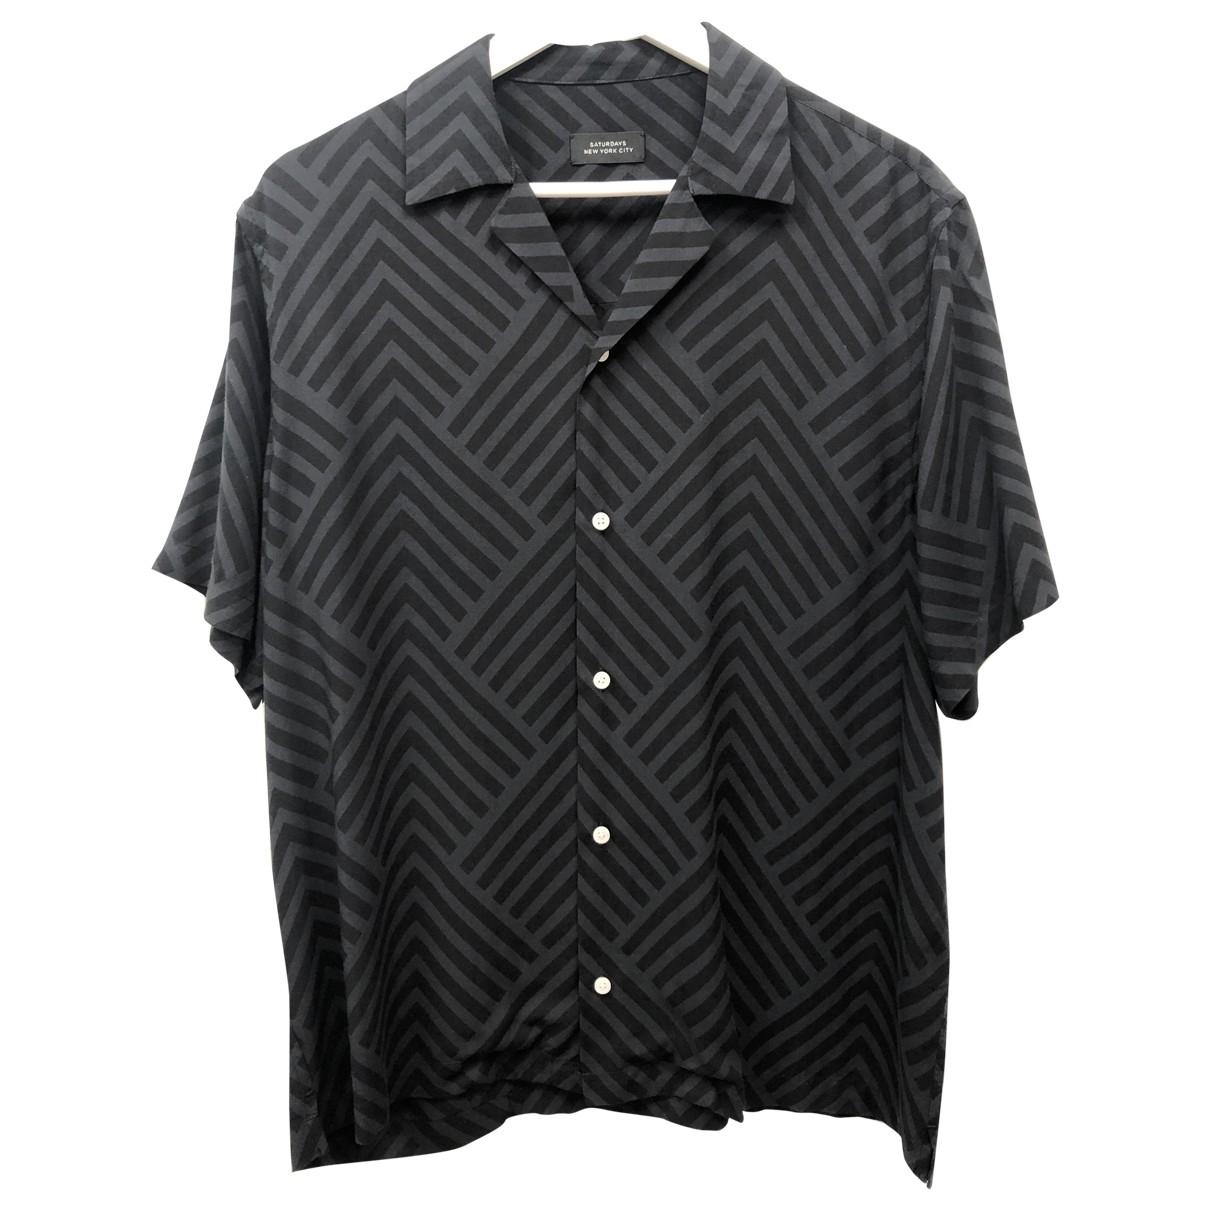 Saturdays \N Hemden in  Grau Viskose